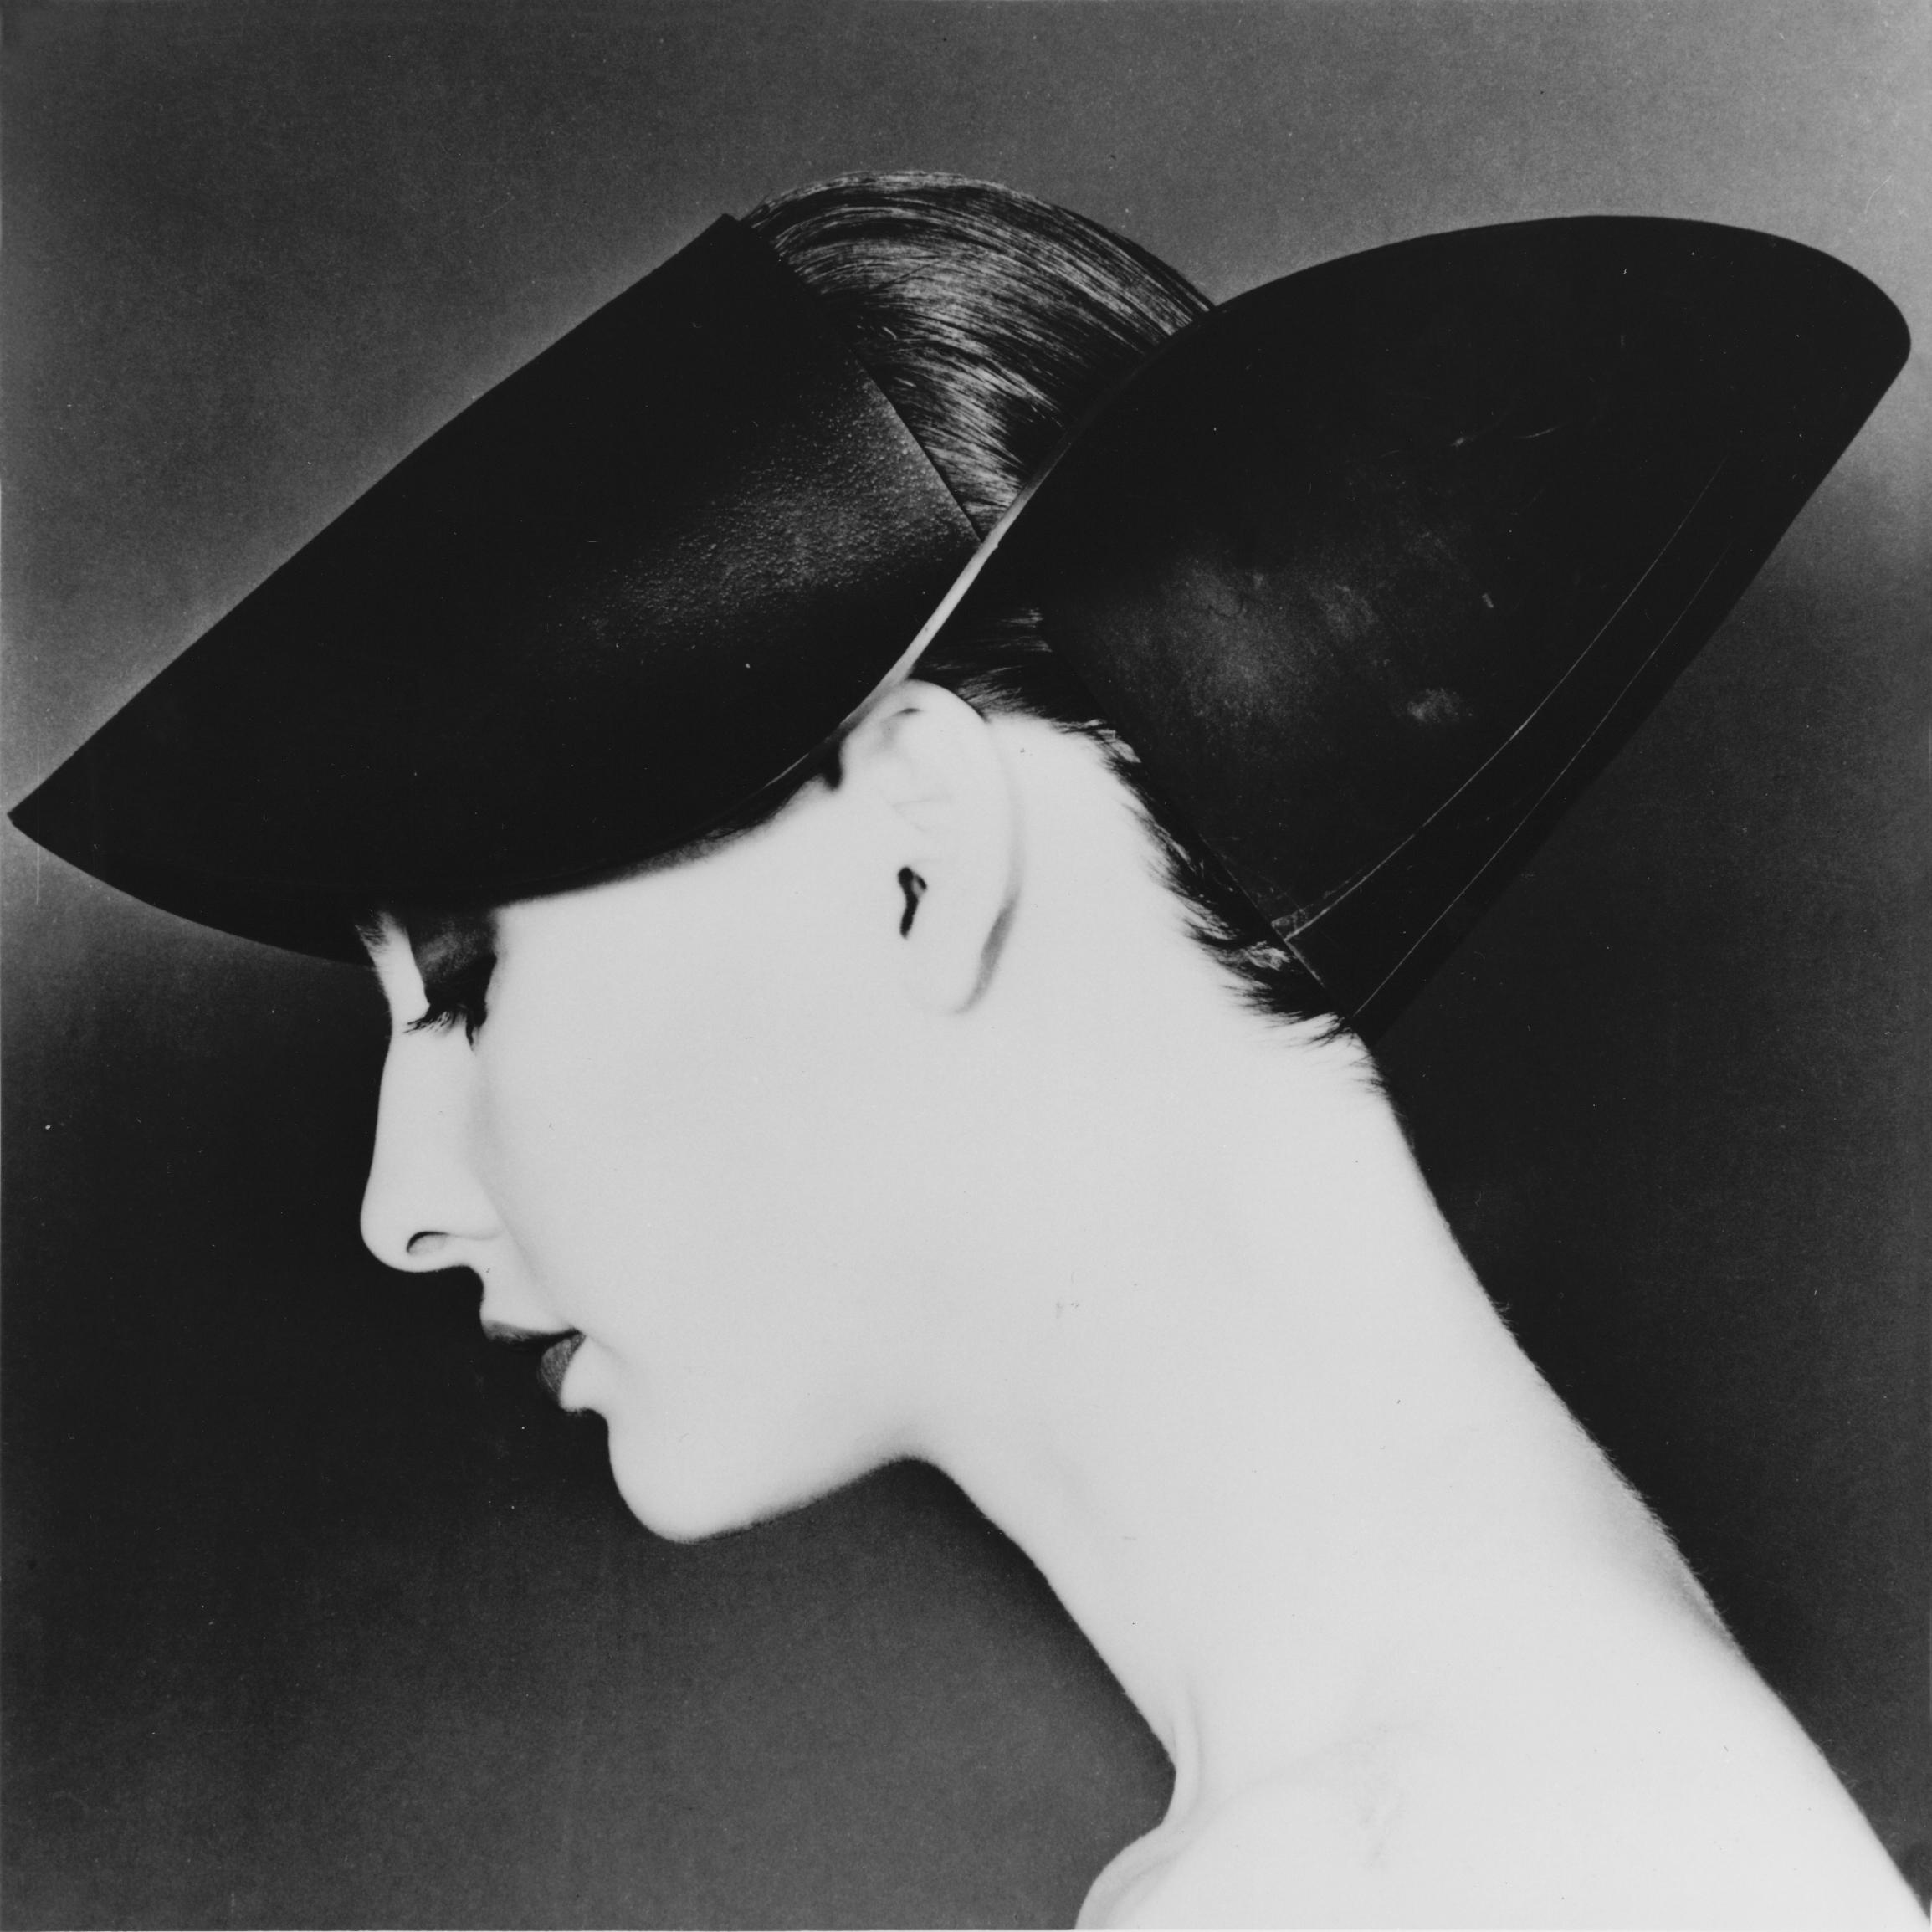 Maria Blaisse, Flexicap 2, 1985-1989